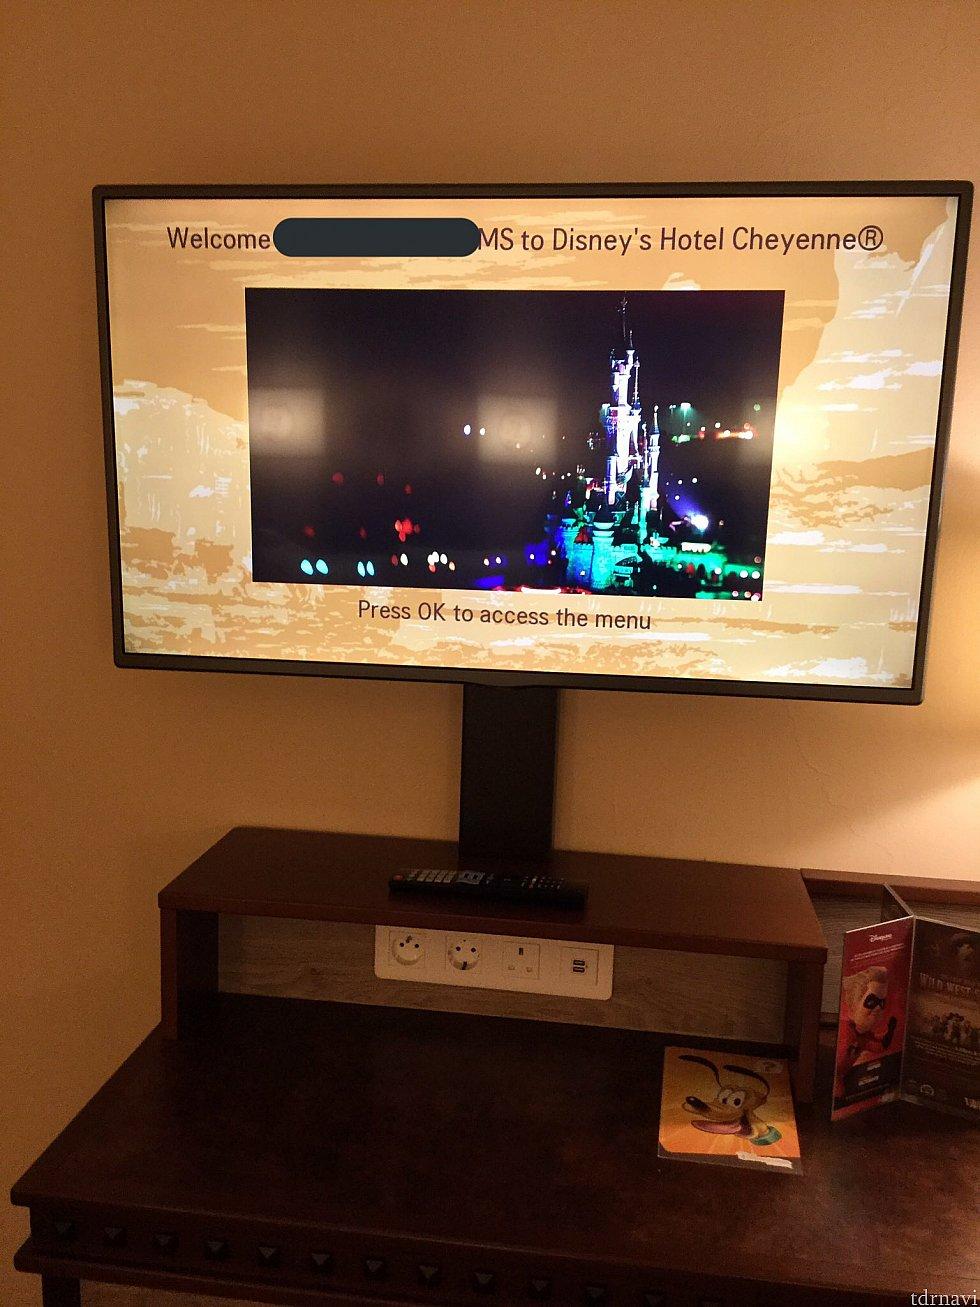 テレビ画面にはようこそ◯◯と名前が表示 下の電源プラグ横にUSBプラグが2つついています